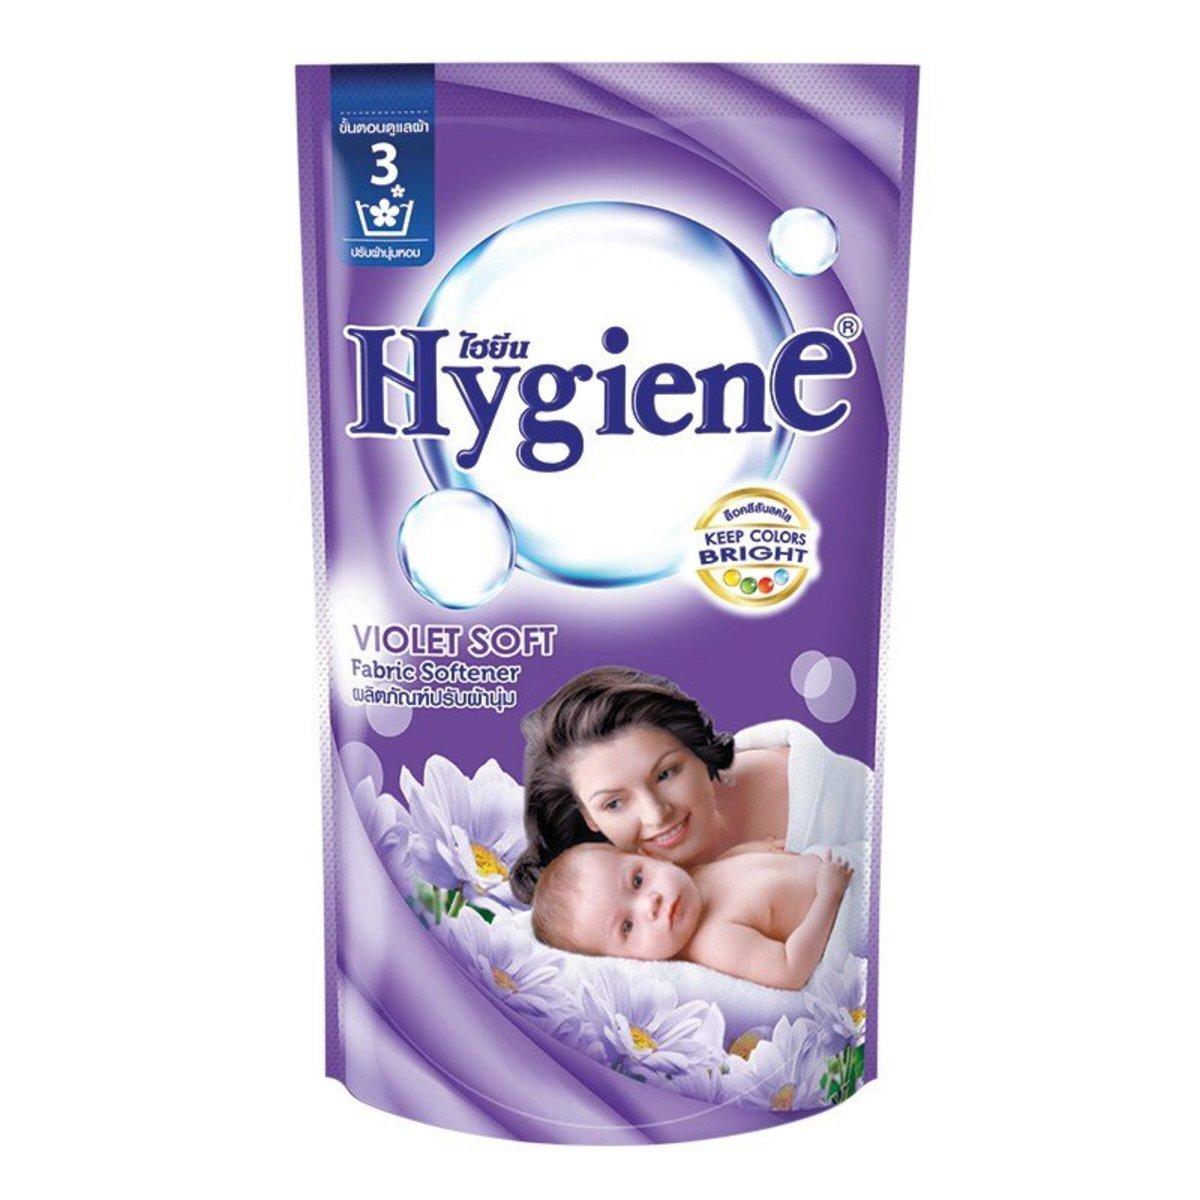 Hygiene 紫羅蘭柔軟柔順劑 600ml